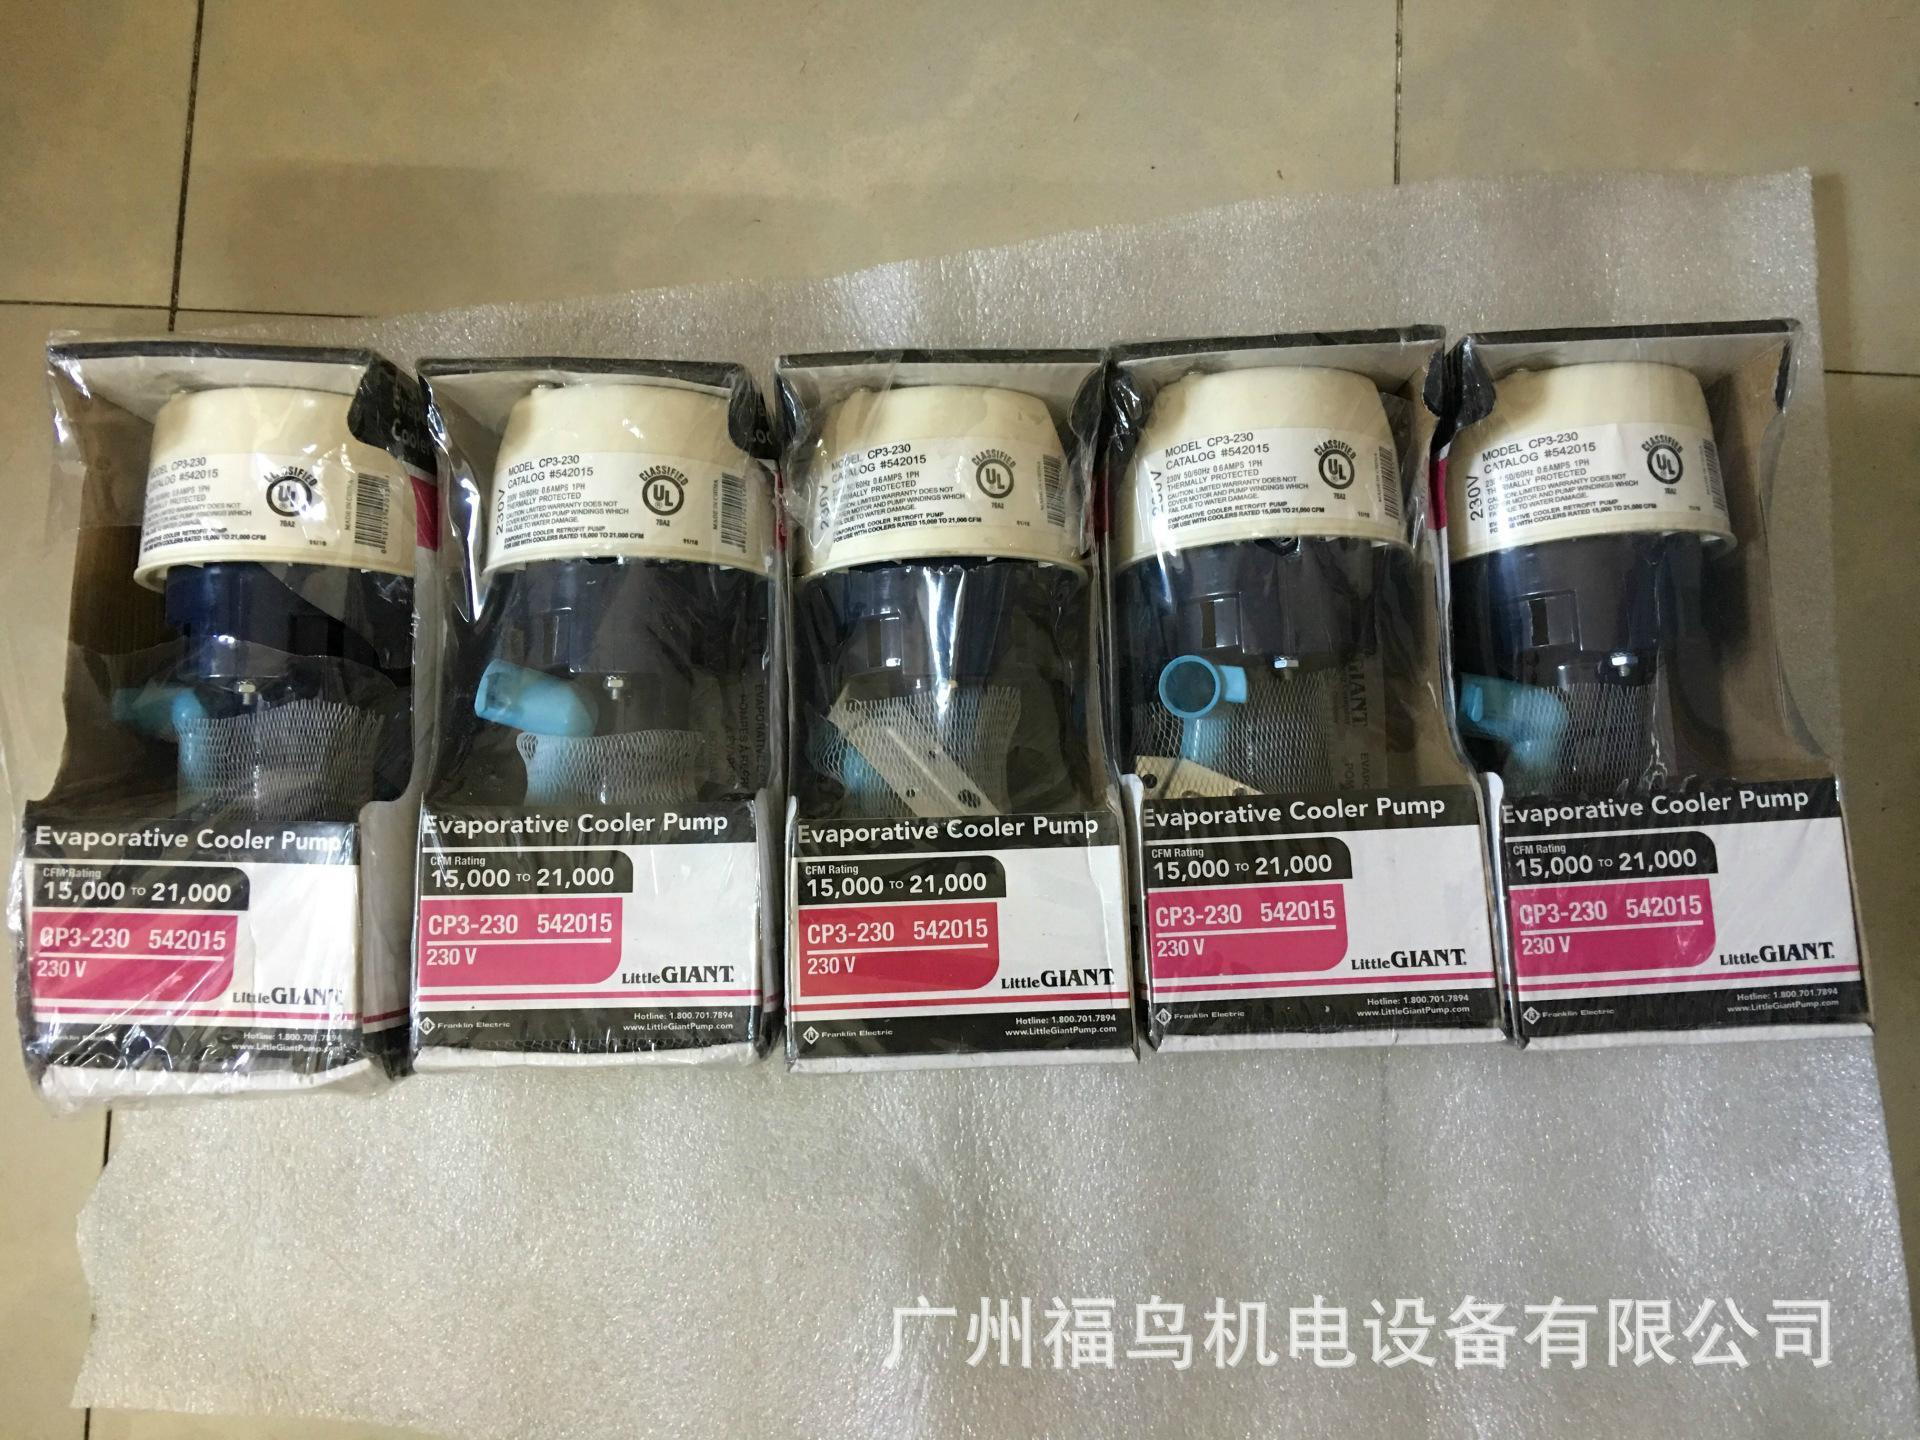 现货供应LITTLE GIANT冷却泵(CP3-230) 5